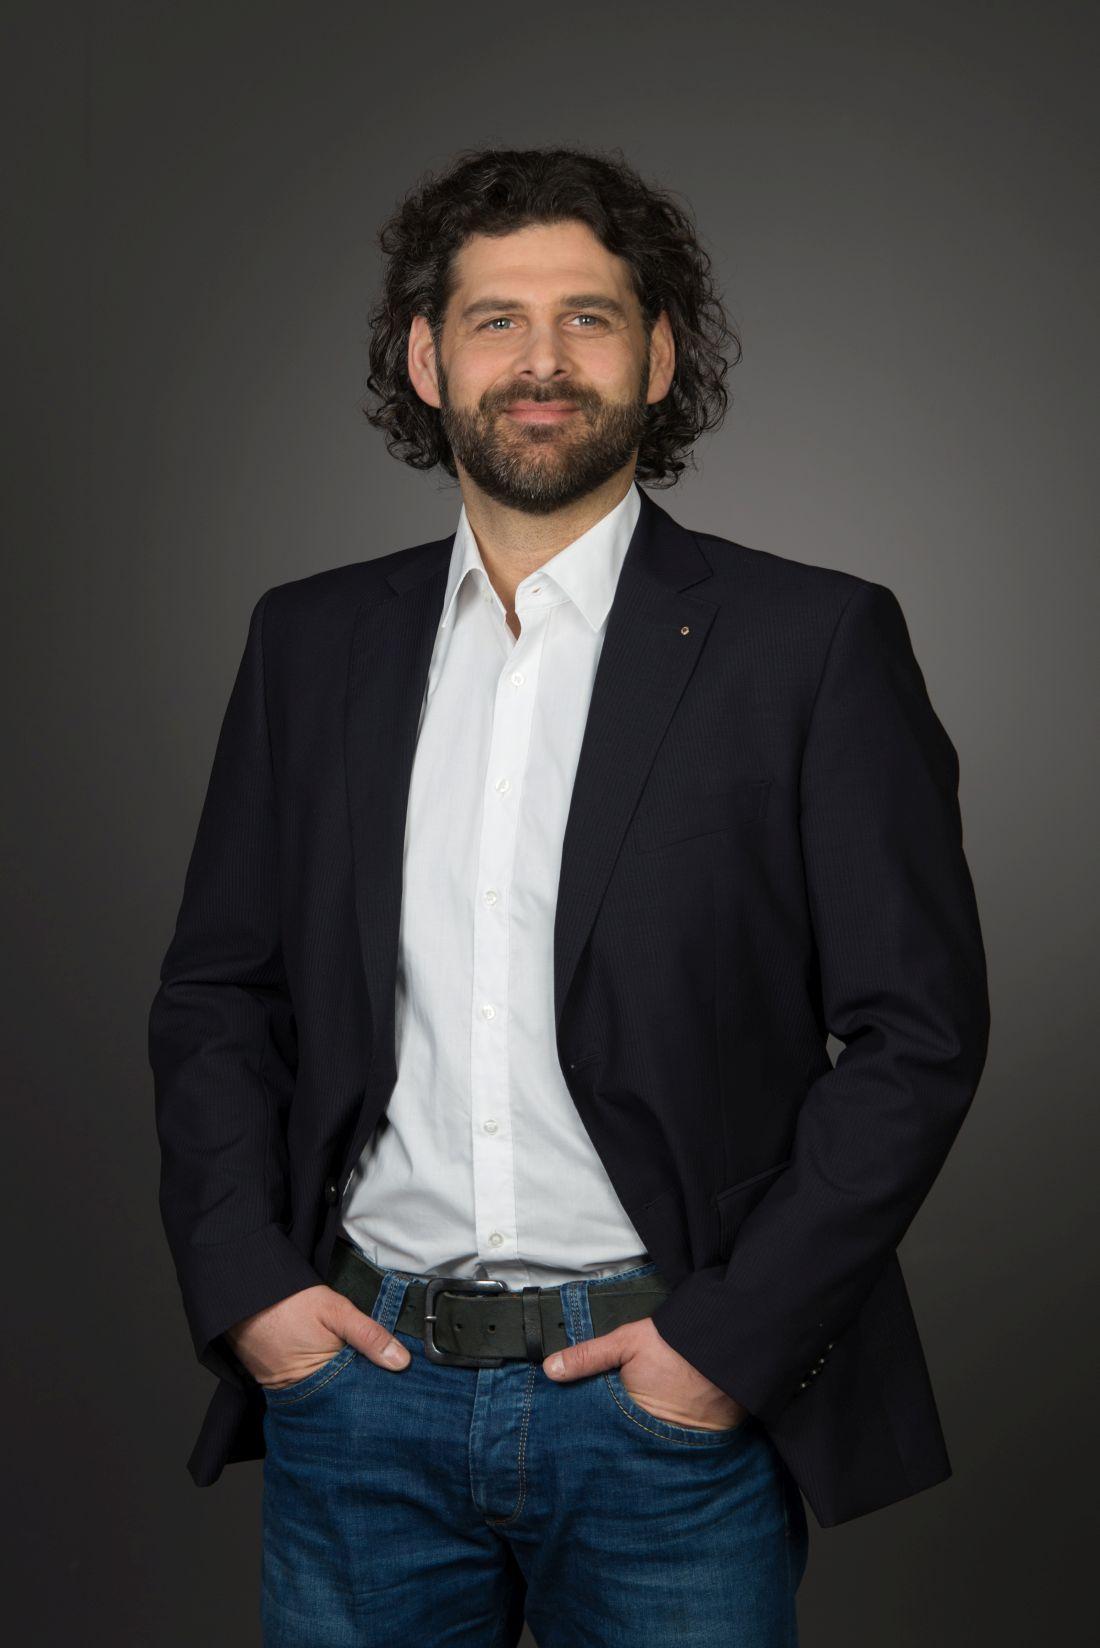 Axel Jäkel - Ihr Kreistagskandidat im Wahlkreis 5. Bautzen